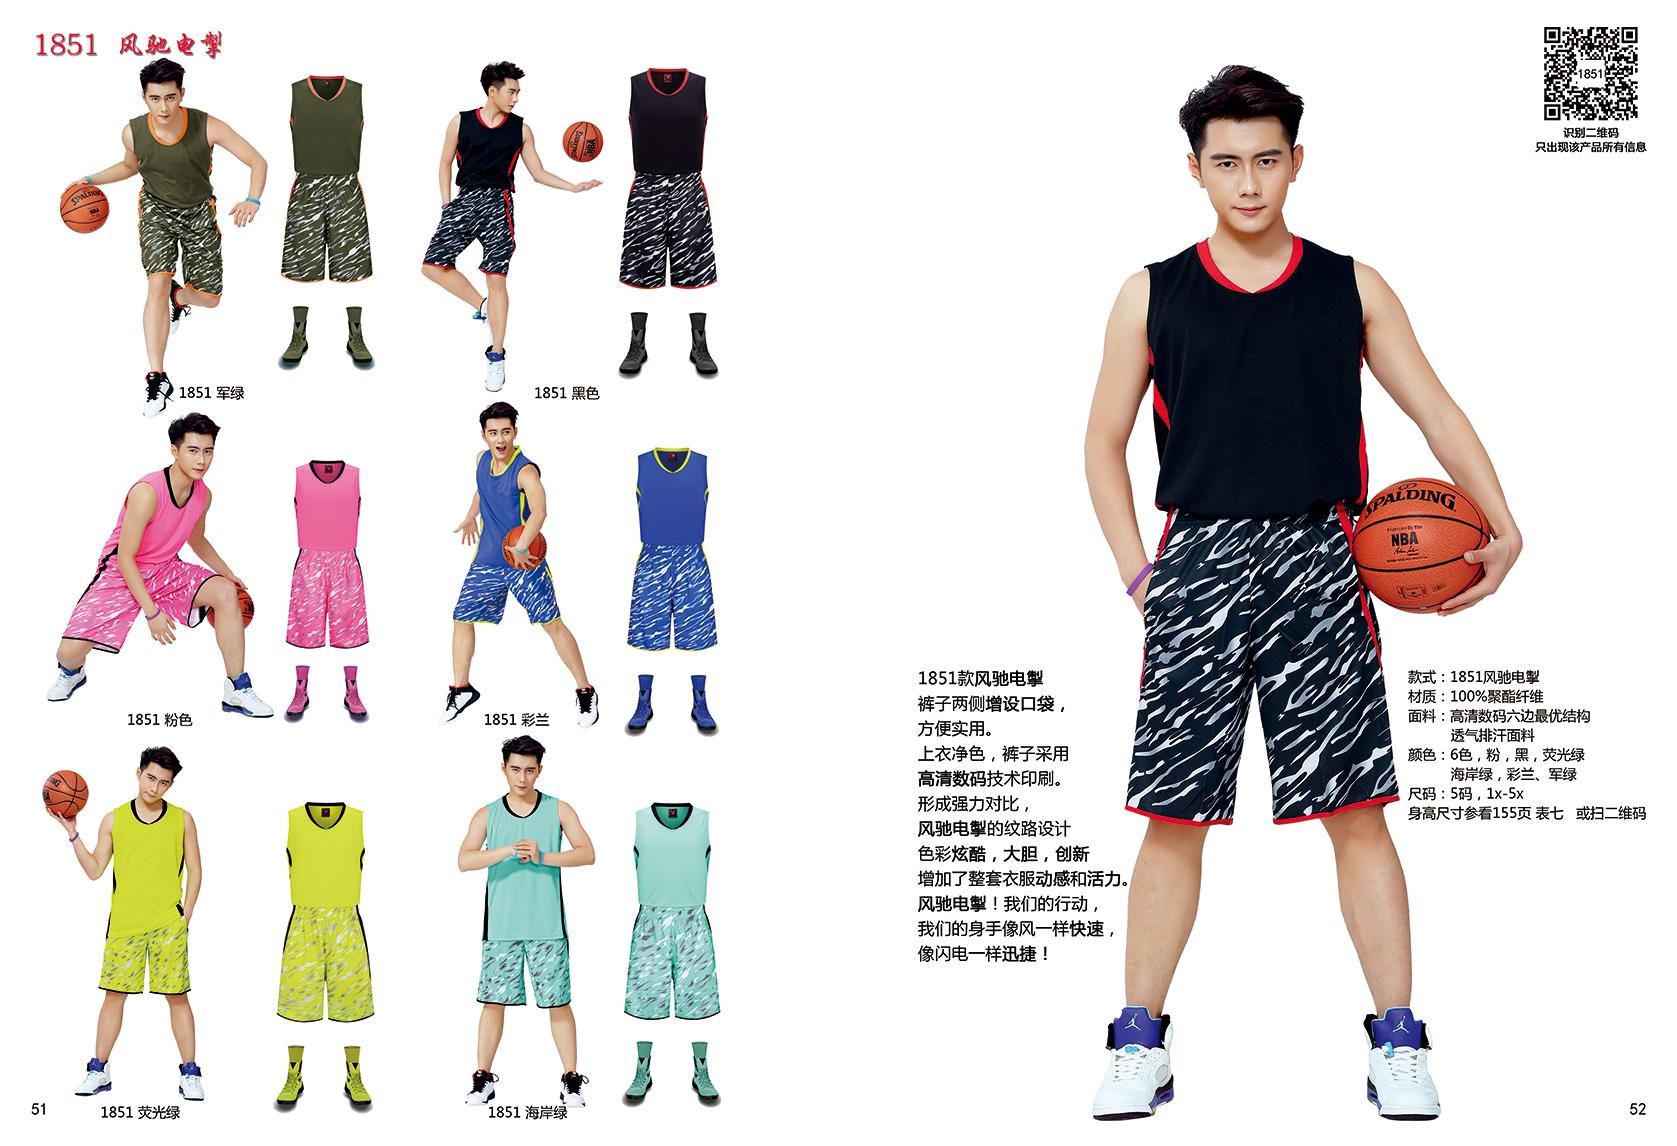 球服生產 山東足籃球乒羽排球服定制印字號隊名 足球服